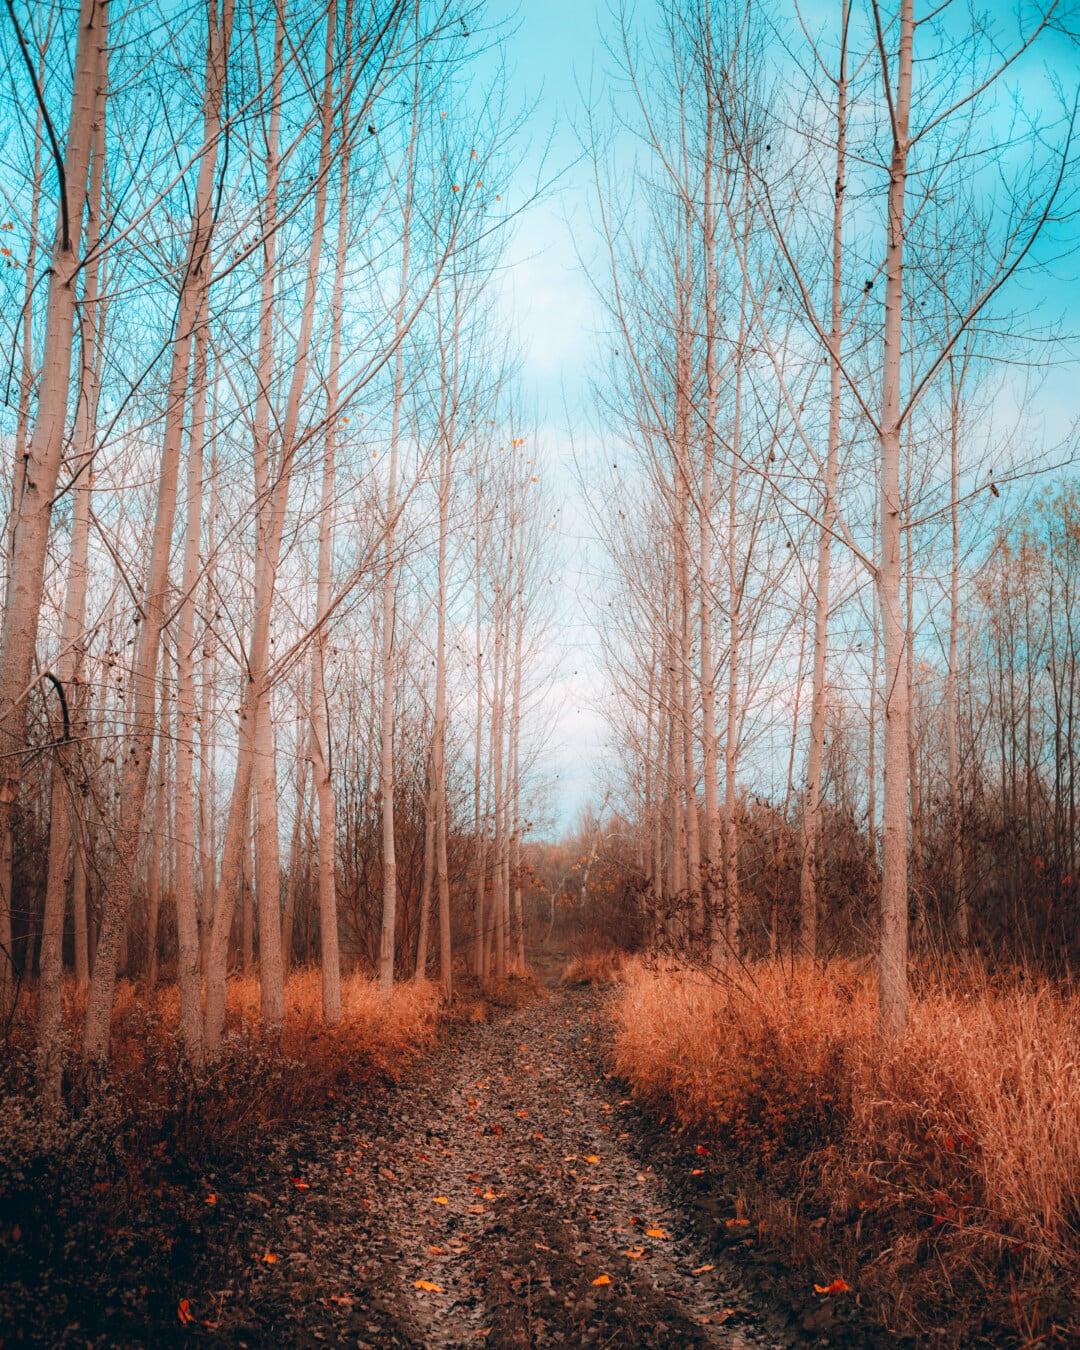 Wald, Herbstsaison, Waldweg, Herbst, Weg, Landschaft, Winter, Holz, Struktur, Bäume